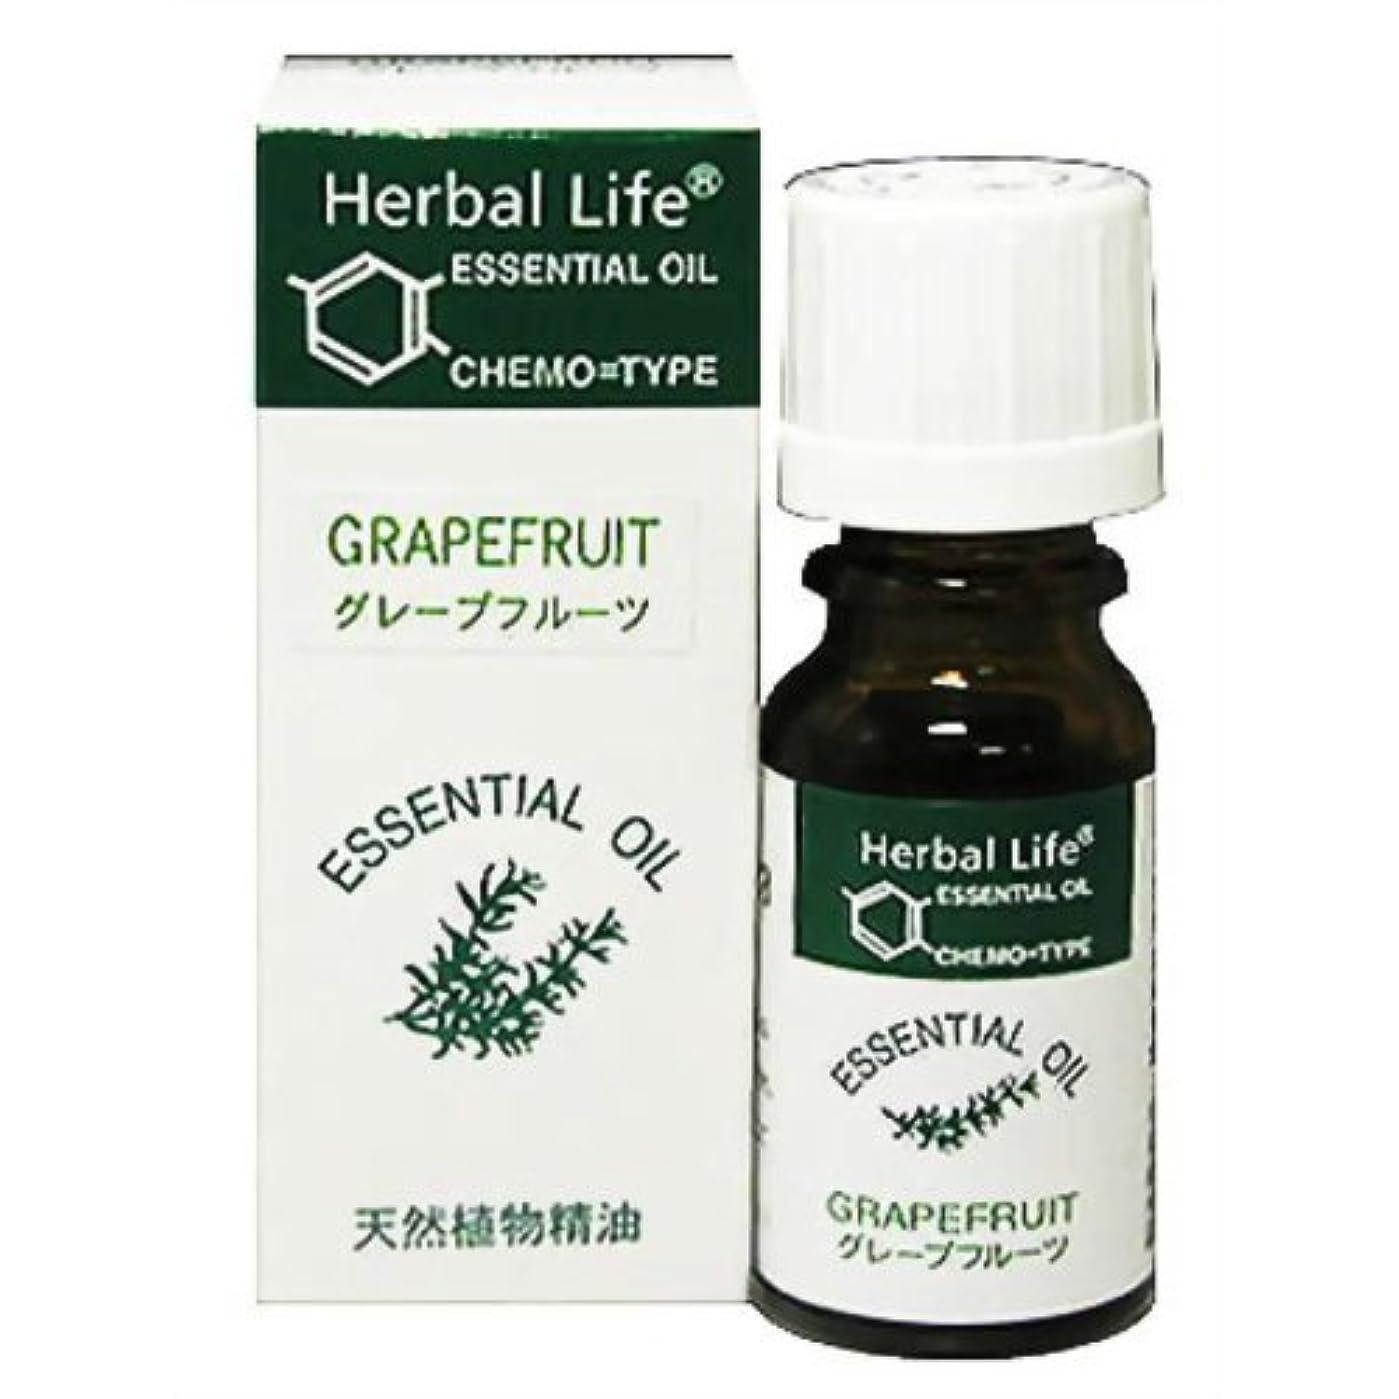 事実店員デッキ生活の木 Herbal Life グレープフルーツ 10ml